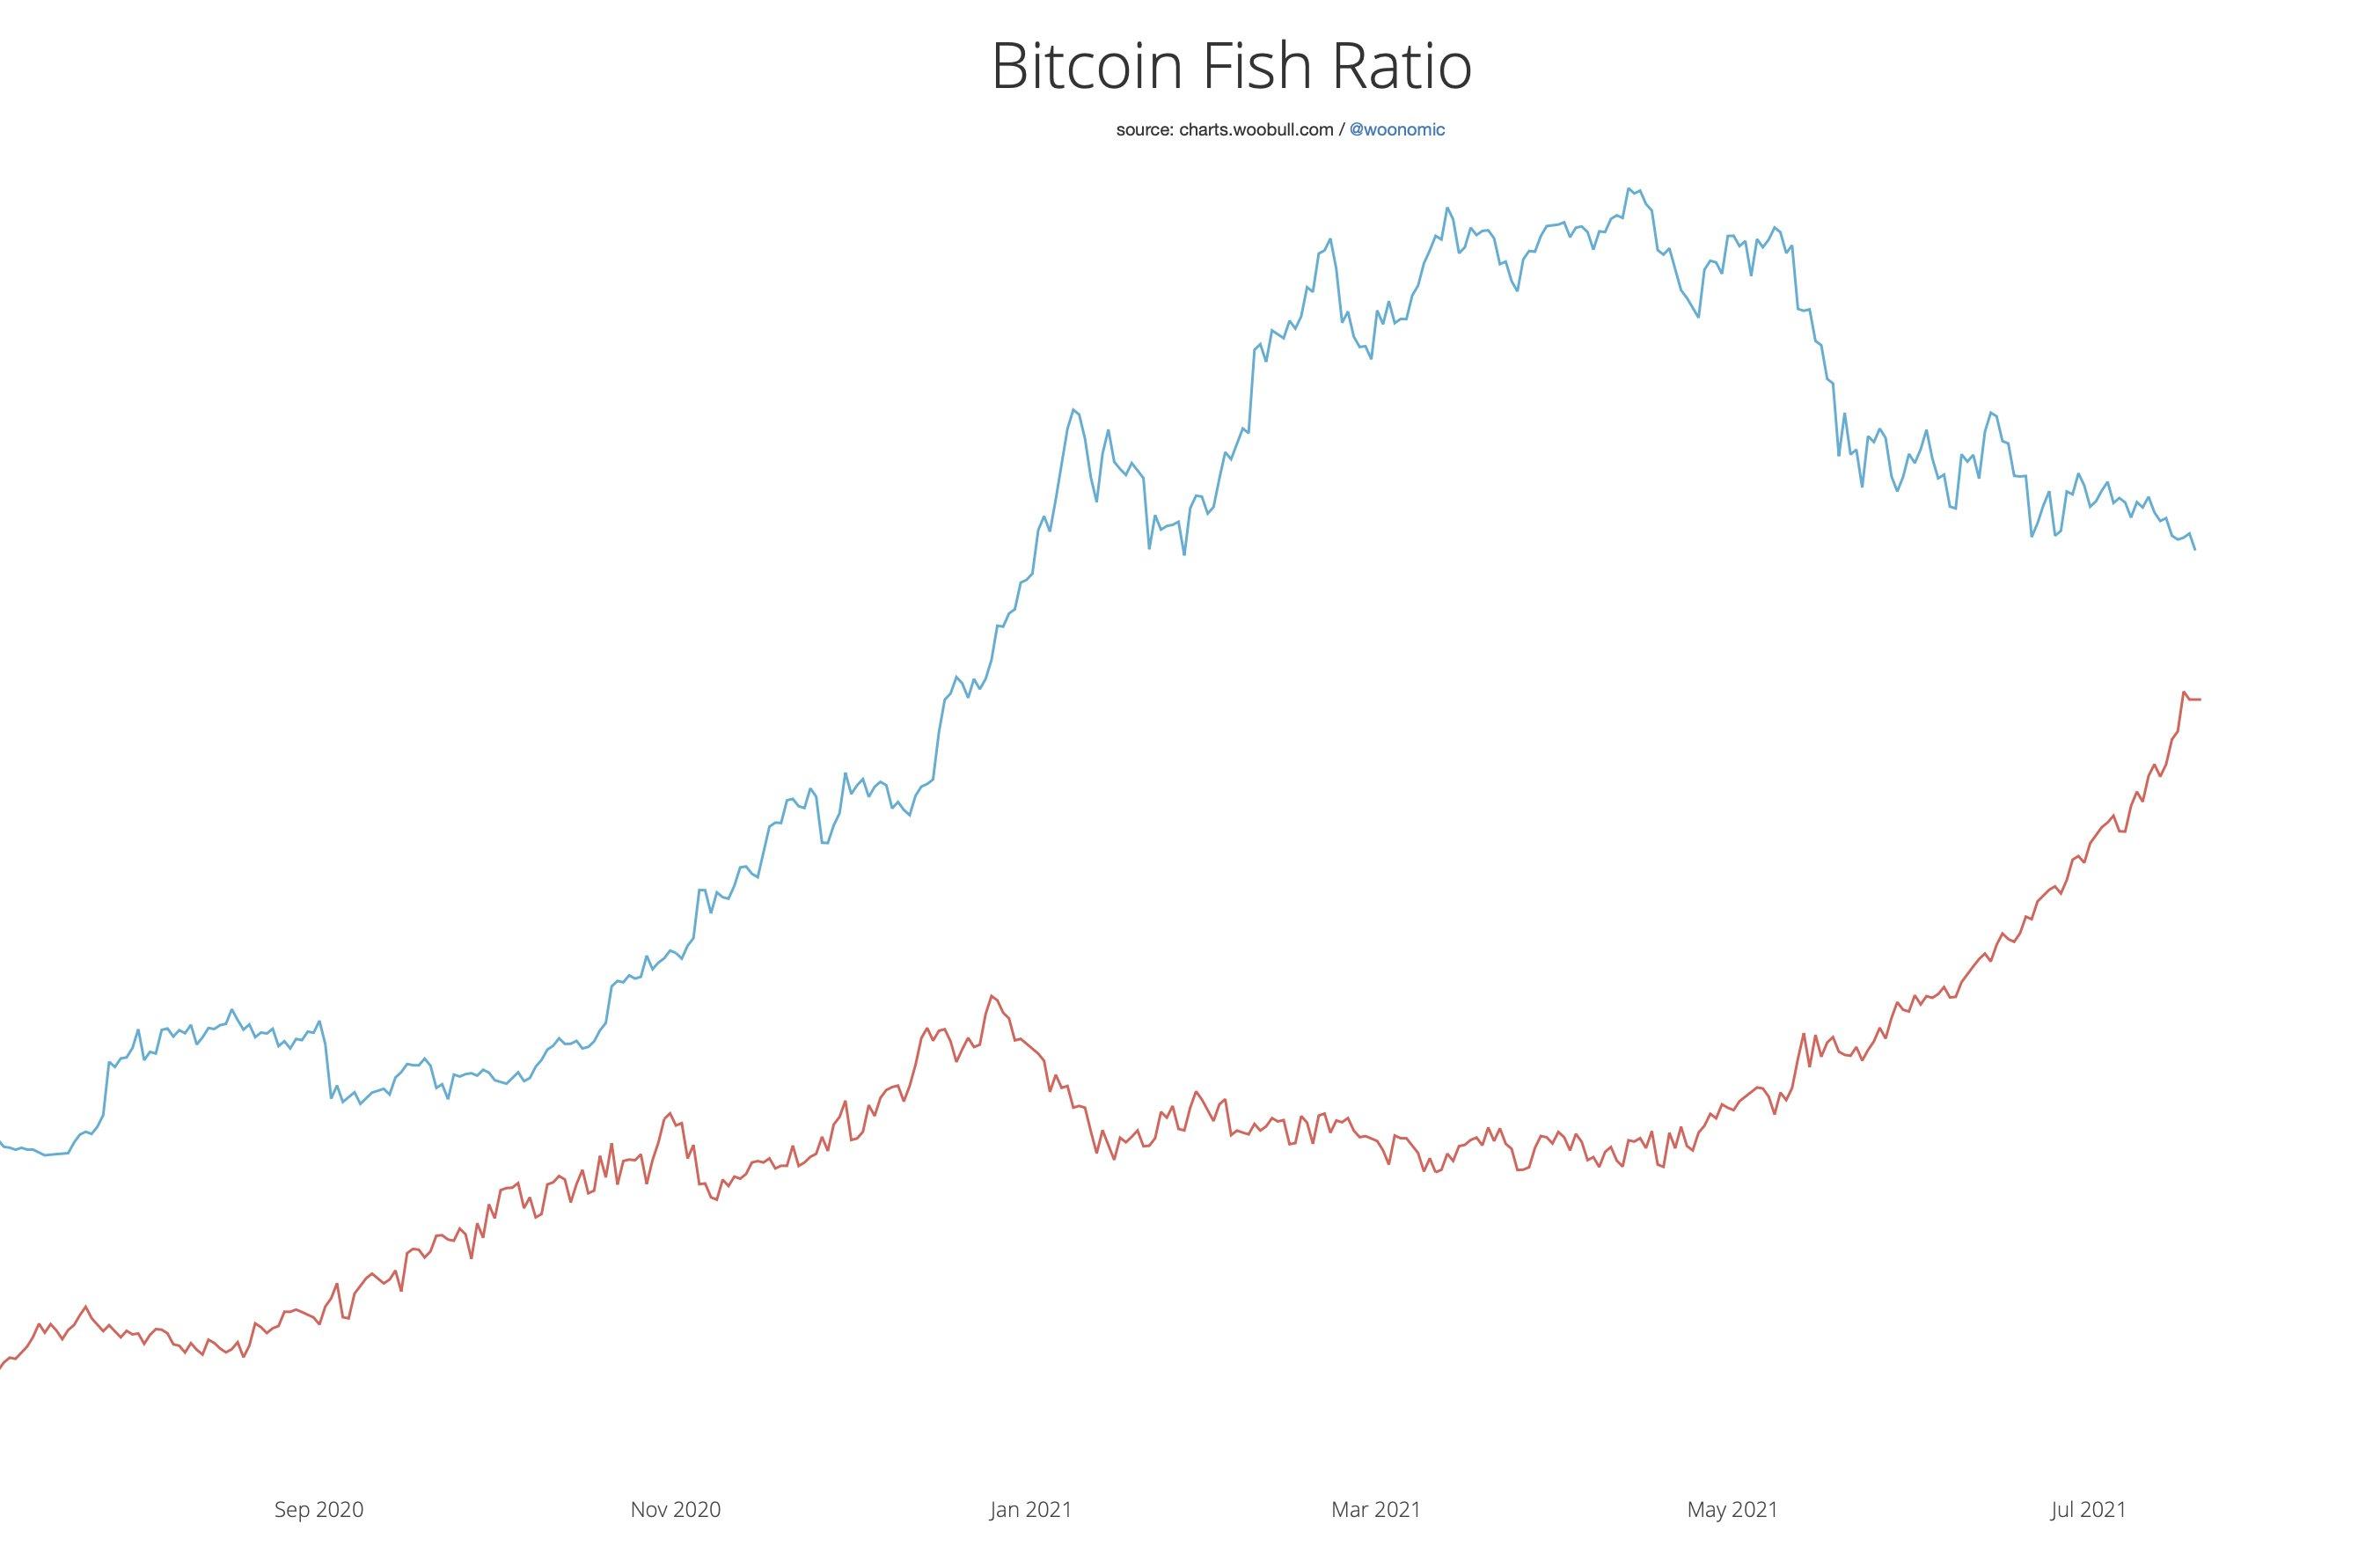 FXMAG kryptowaluty analiza on-chain: wieloryby i płotki kupują na trwających spadkach rynki,analiza on-chain,bitcoin (btc),wieloryby,will clemente,willy woo,wiadomości,informacje 3